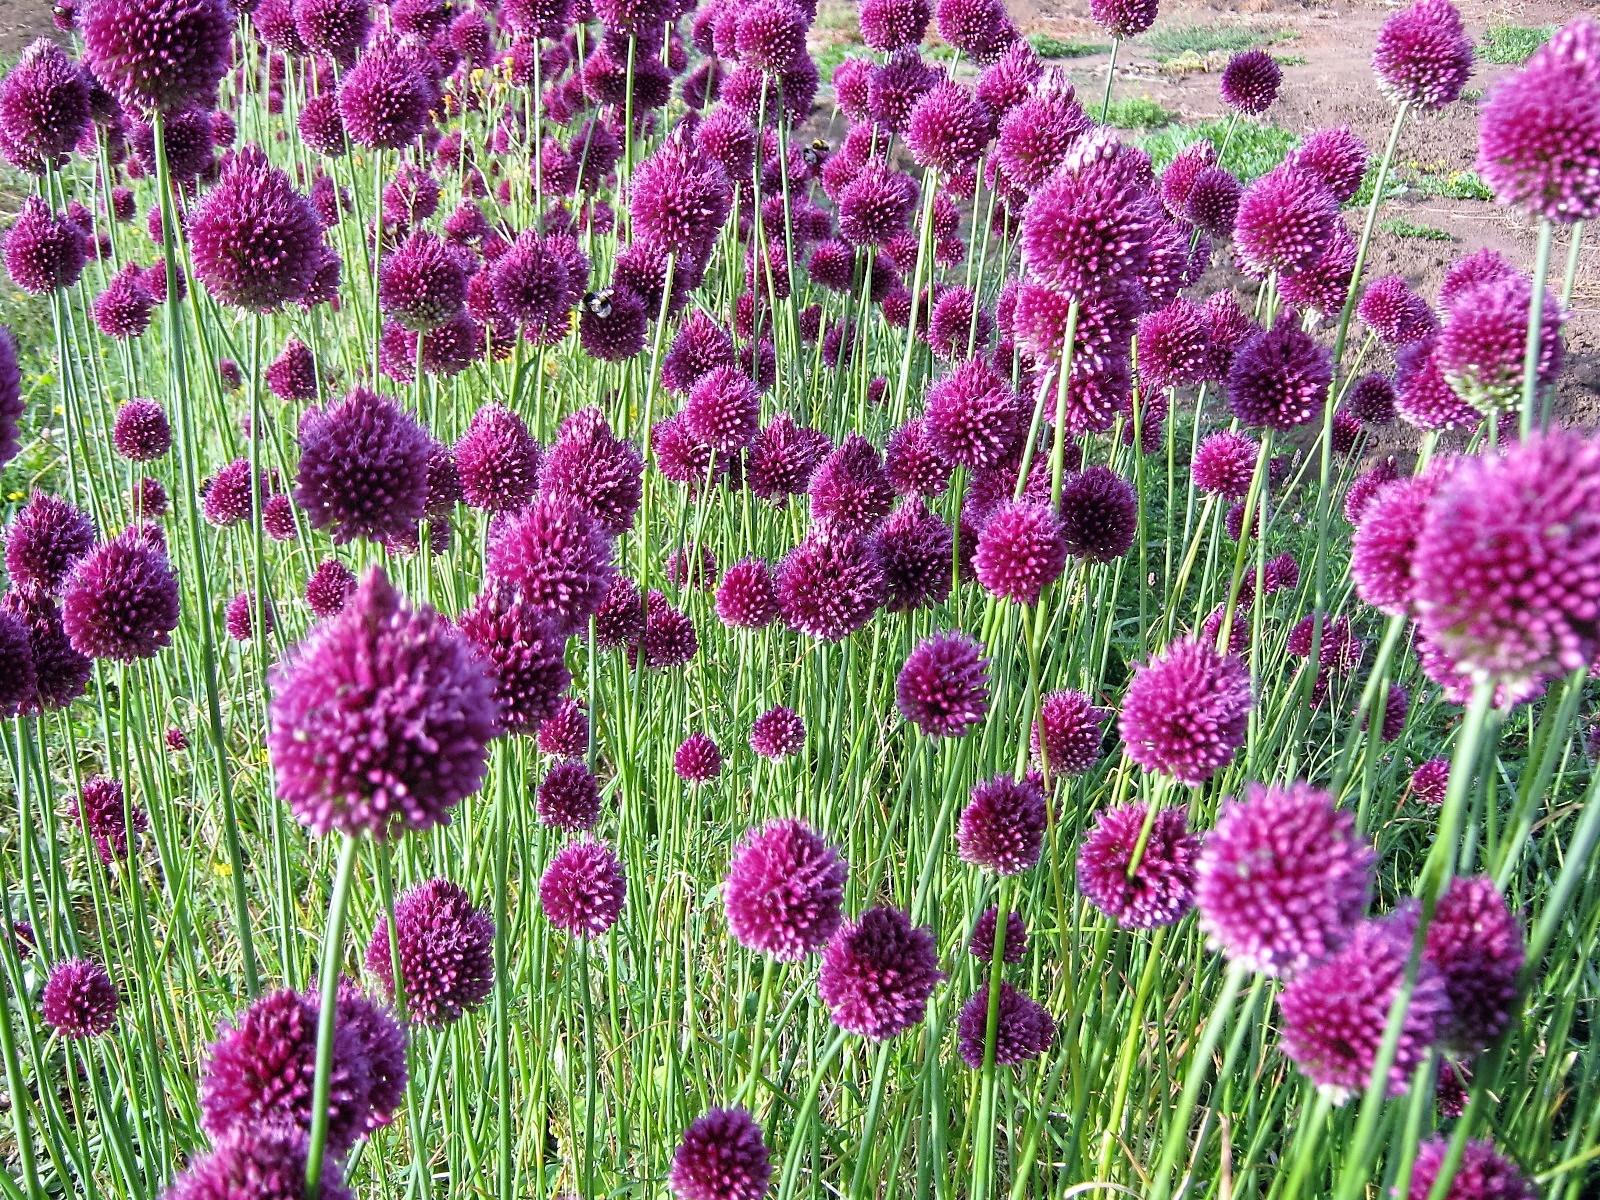 Allium spharocephalum vivero los montes for Viveros en osorno